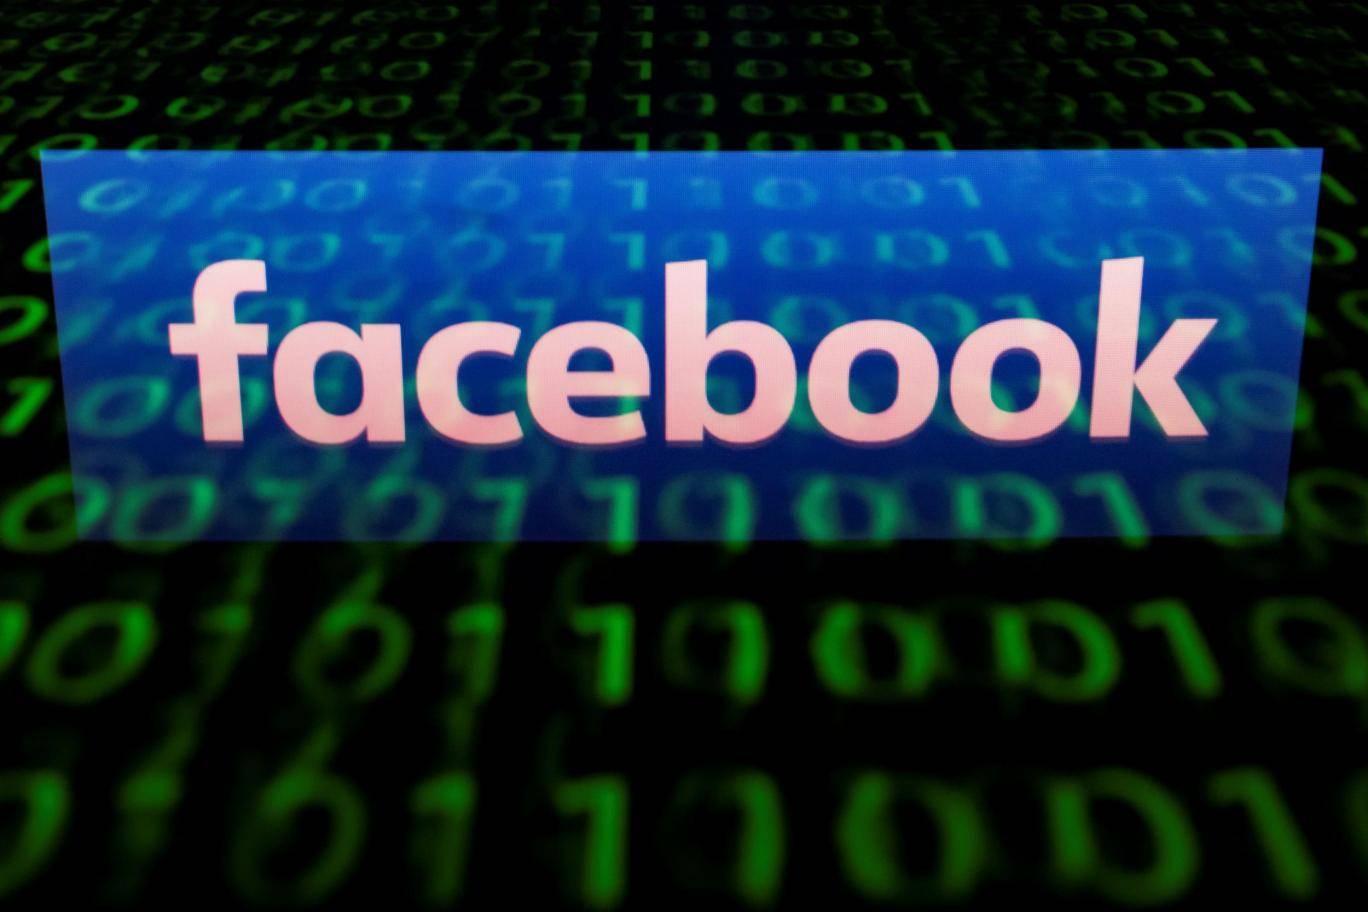 Facebook sta per lanciare la sua criptovaluta - Facebook sta per lanciare la sua criptovaluta?